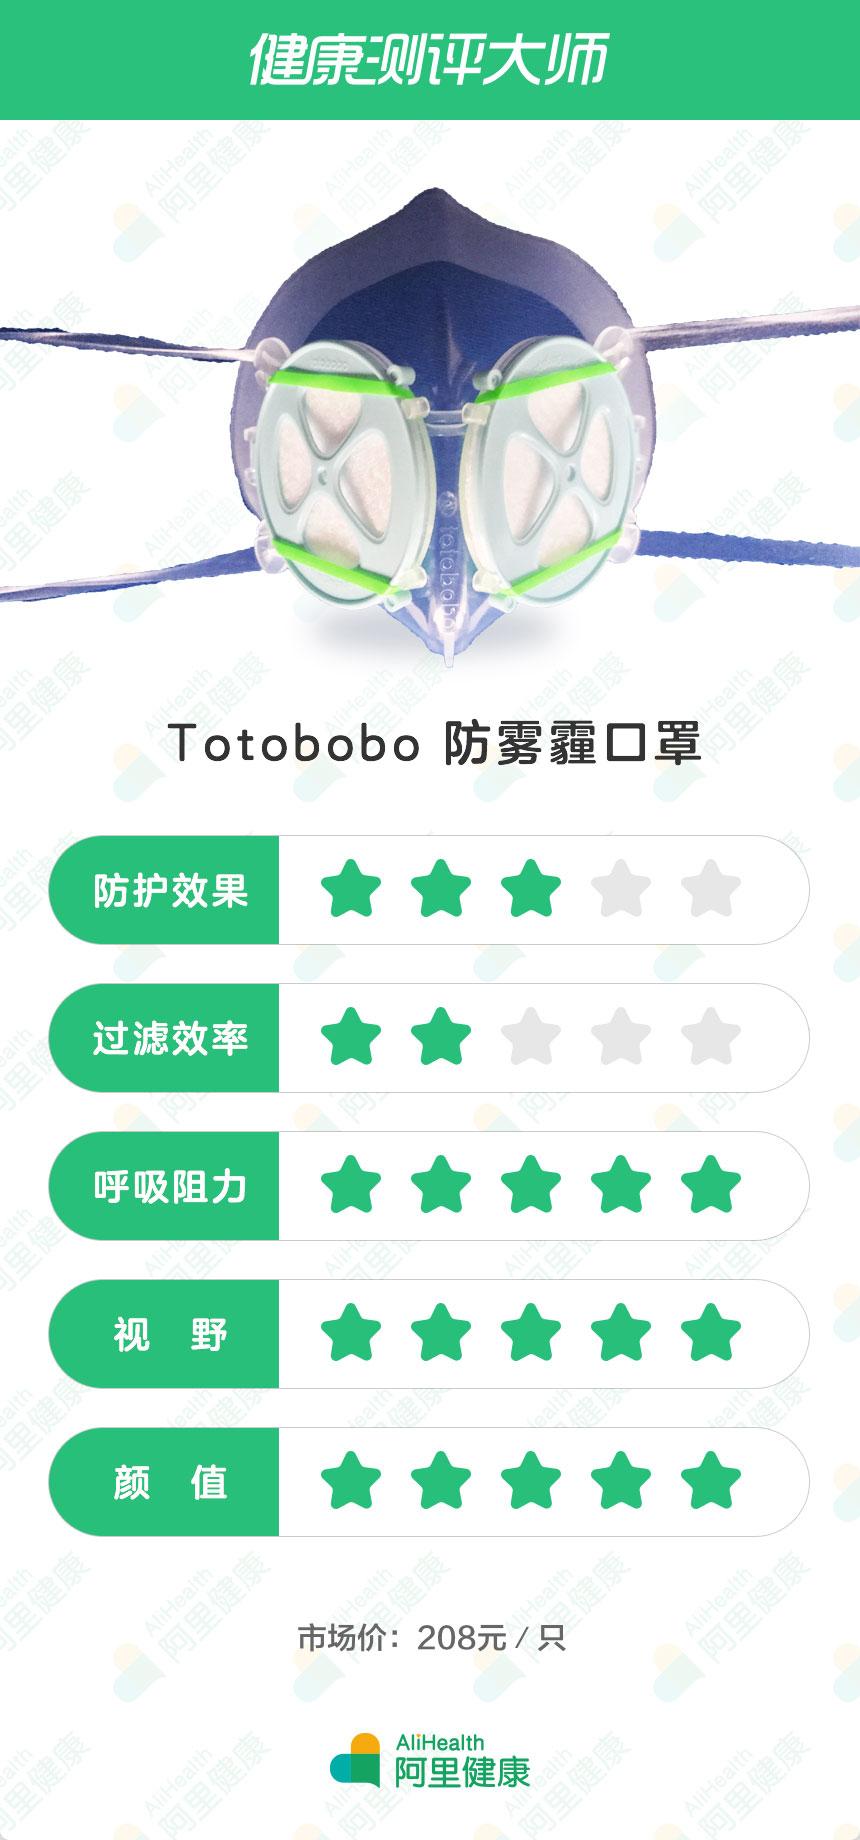 Totobobo